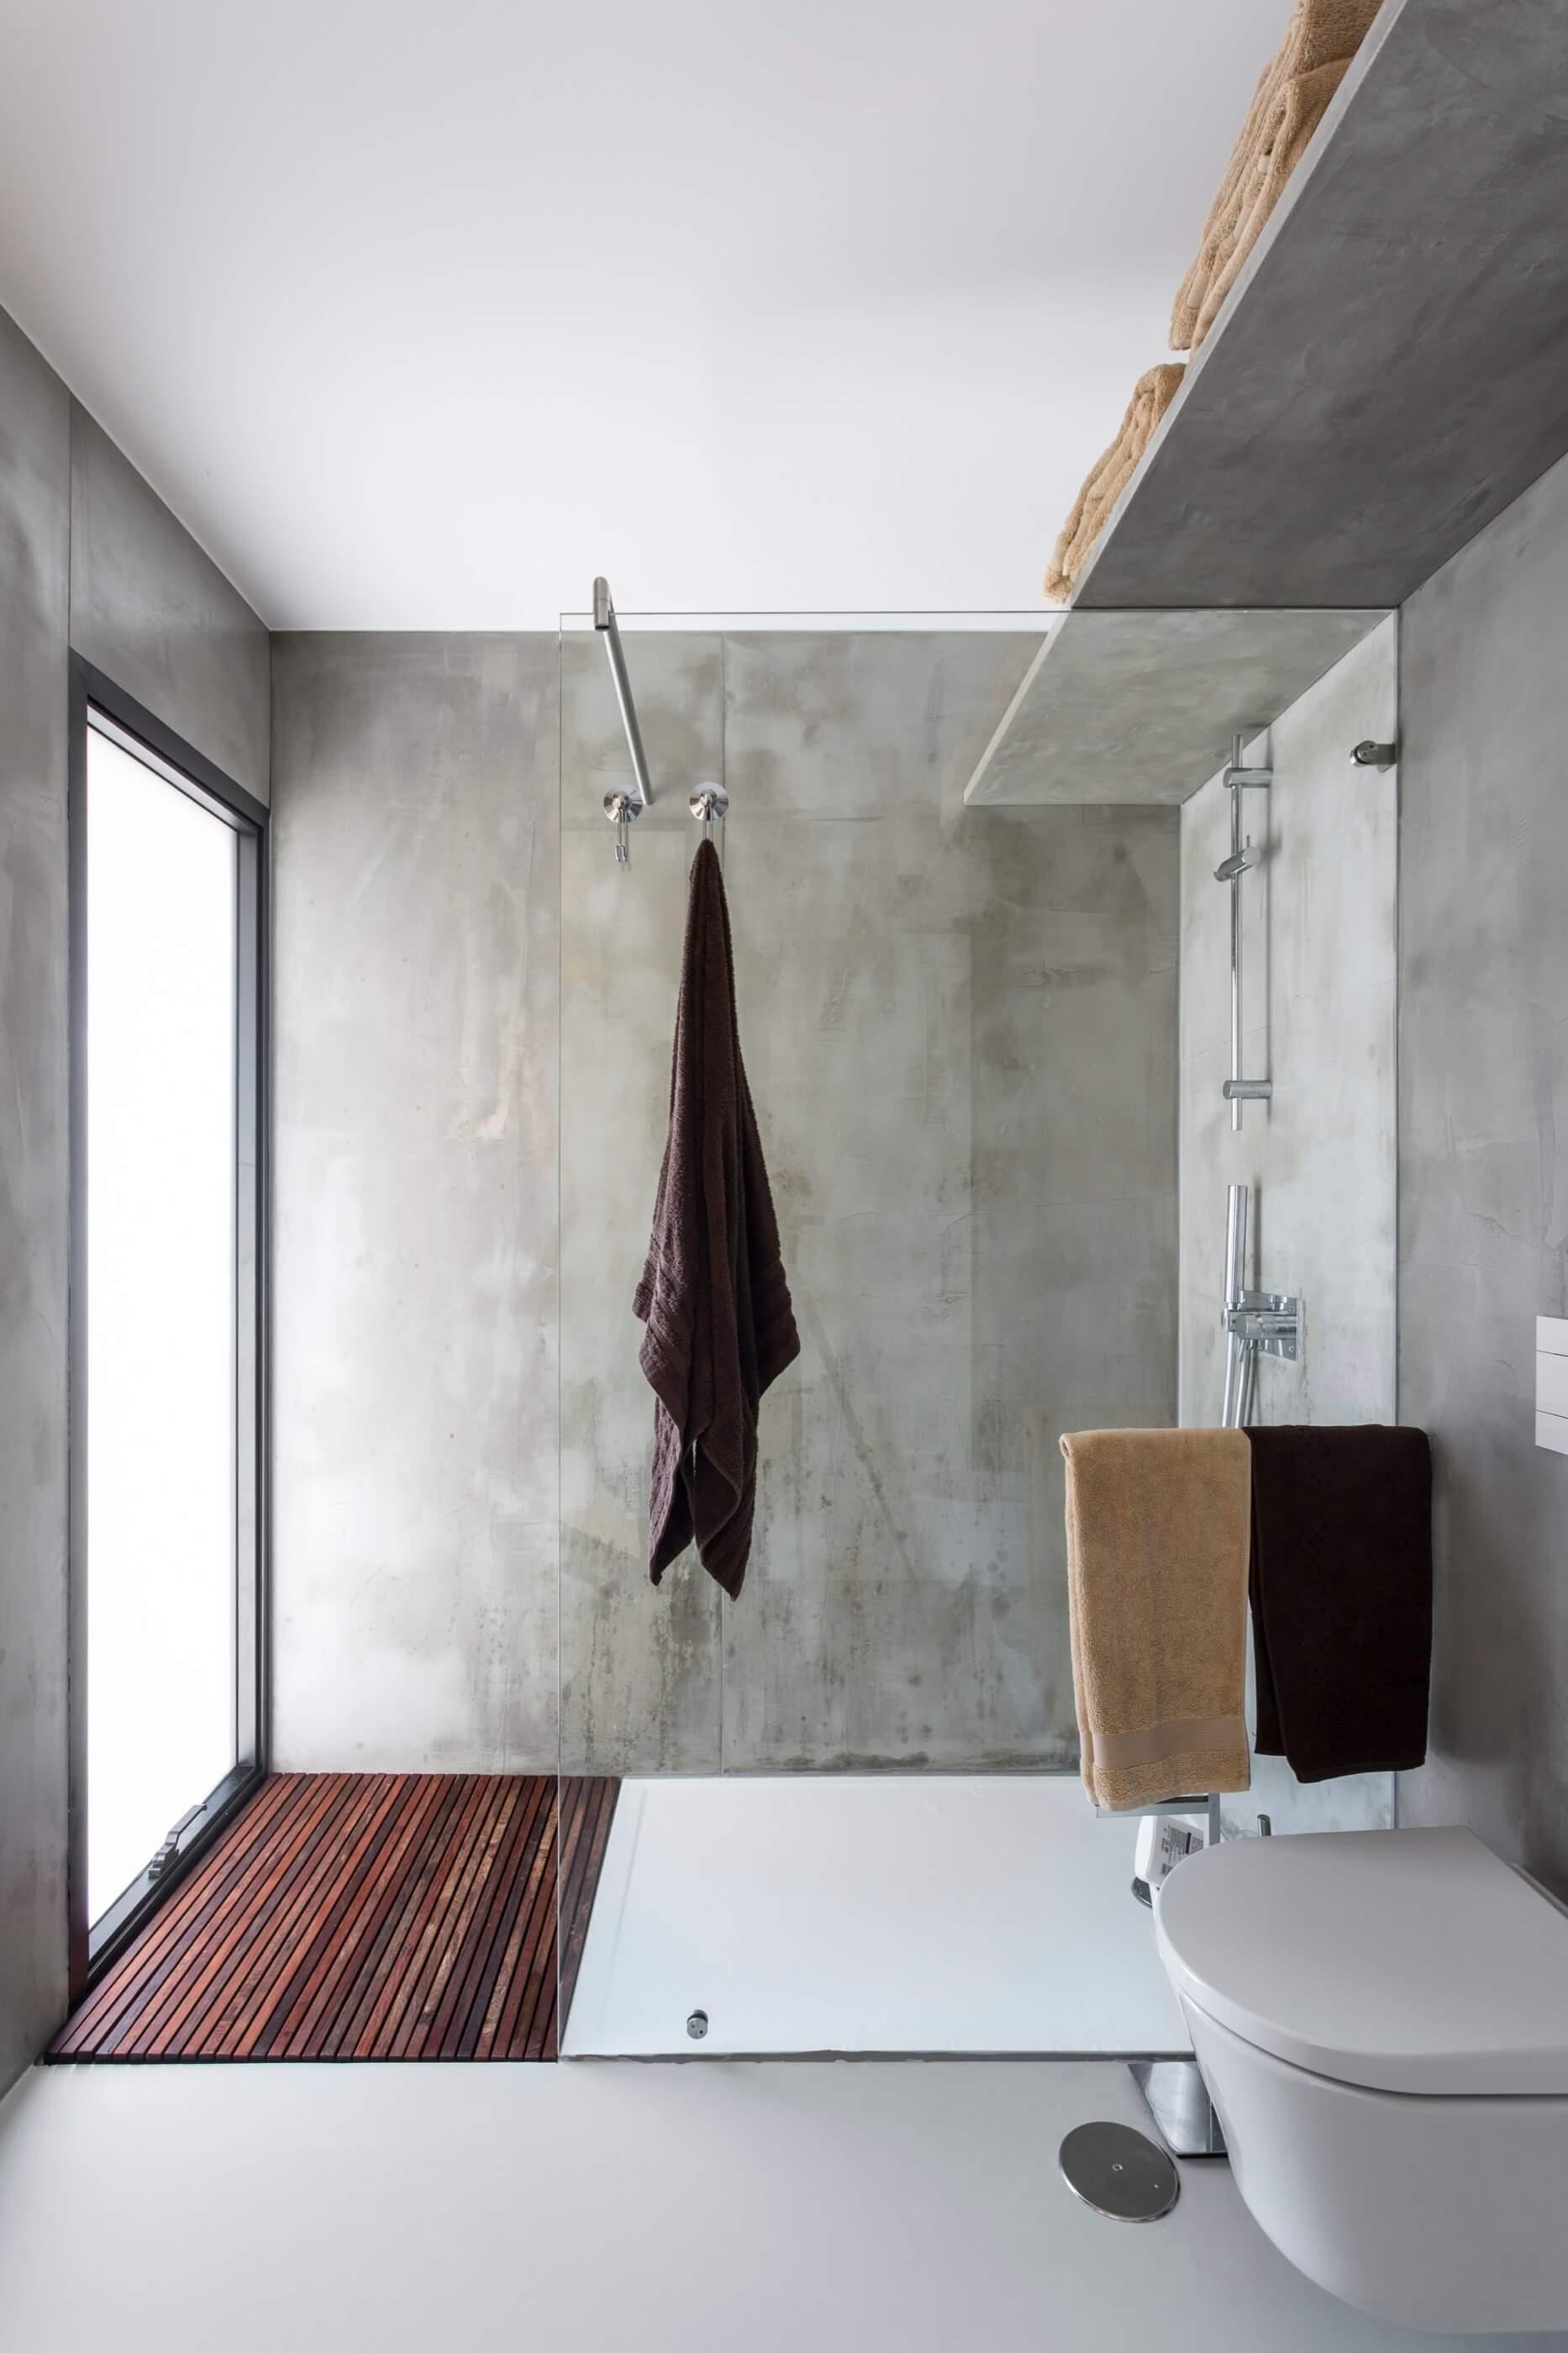 Arquitecto Lousinha Casa Fontes 17 do fotografo Ivo Tavares Studio